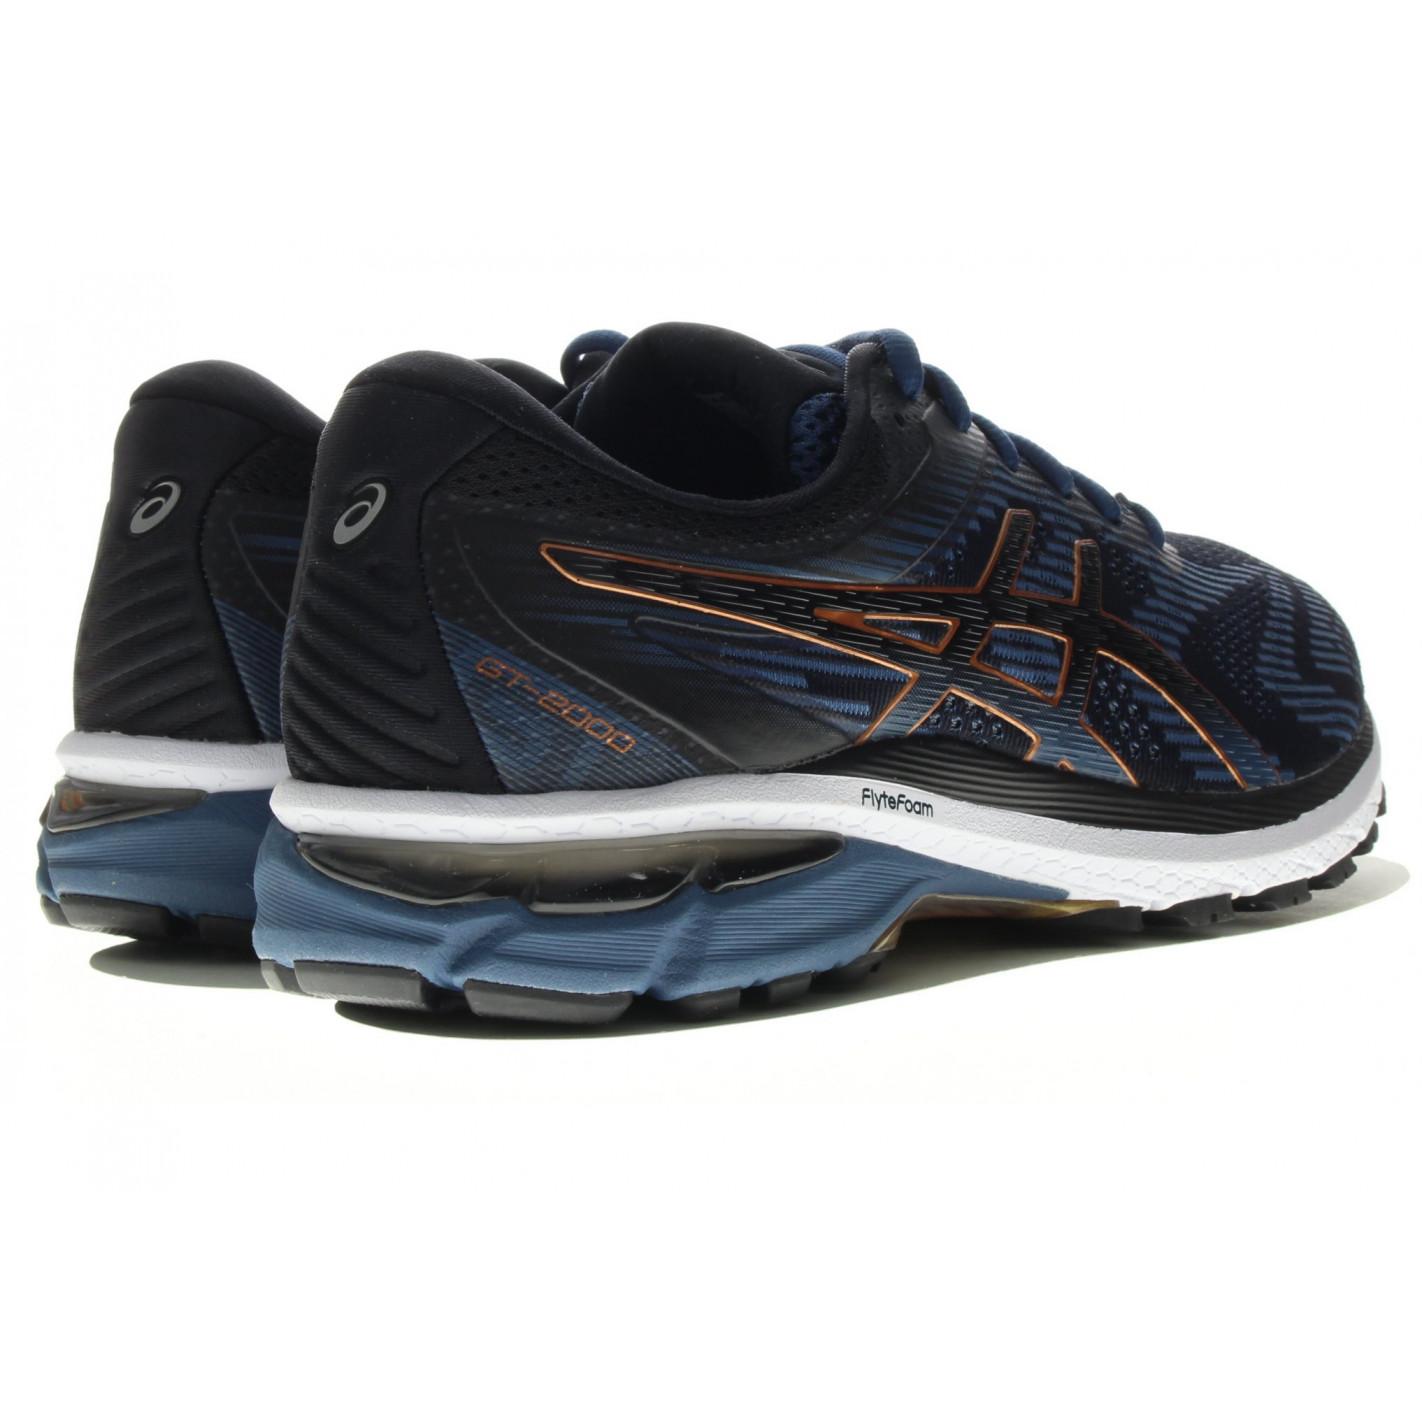 Chaussures Running ASICS Homme GT-2000 Noir / Bleu / Or PE 2020 ...